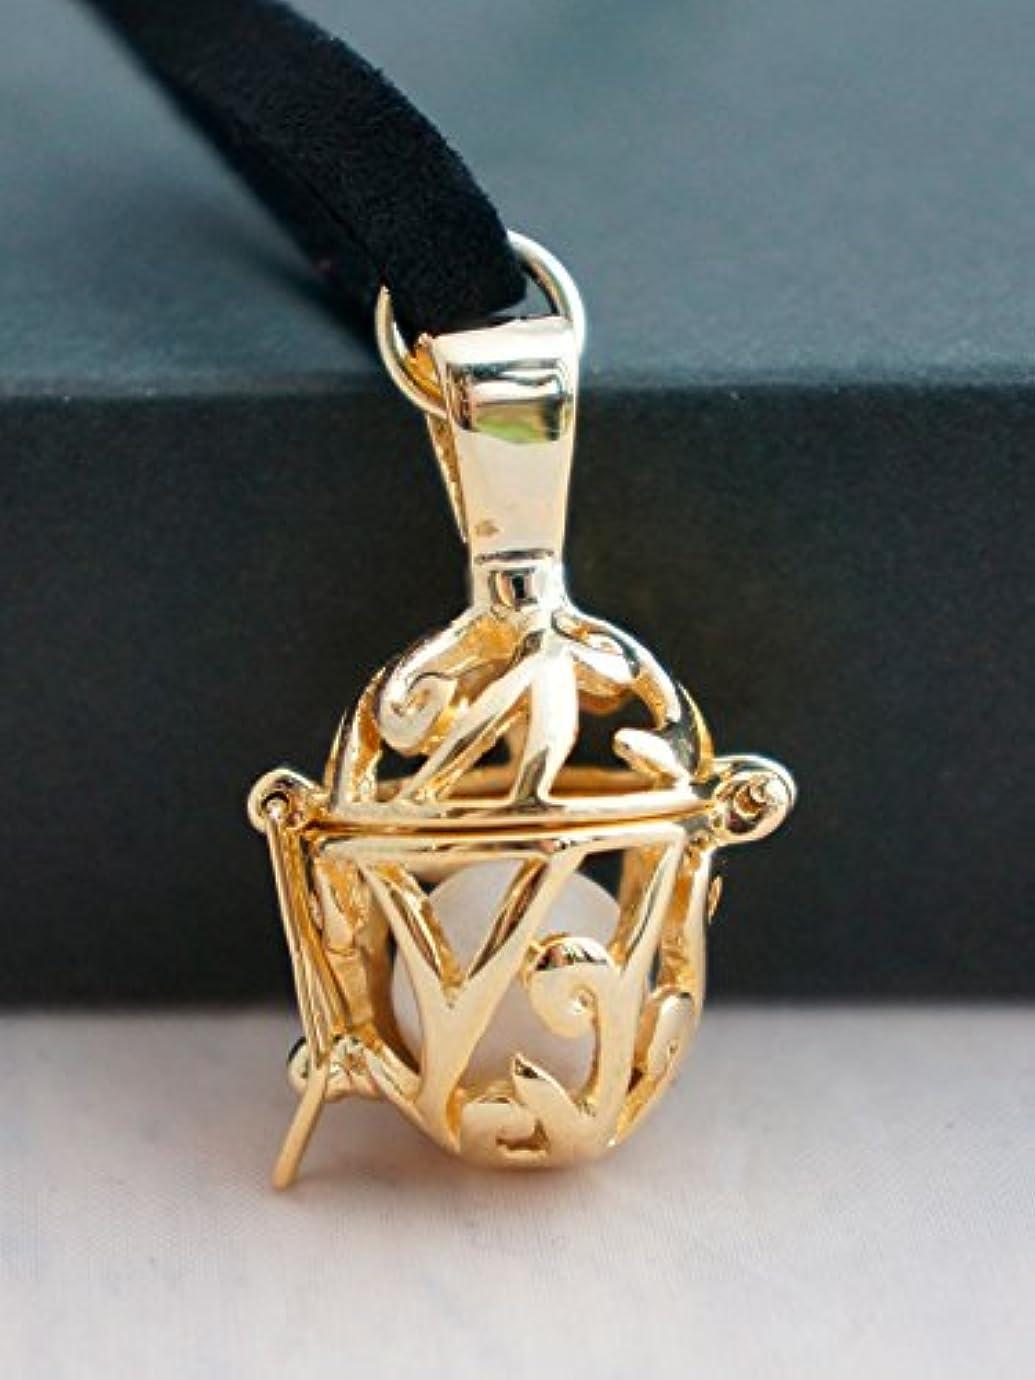 無効にする特別なタックルアロマラボ アロマペンダント セラミックボールスペア3個付 (ゴールド)